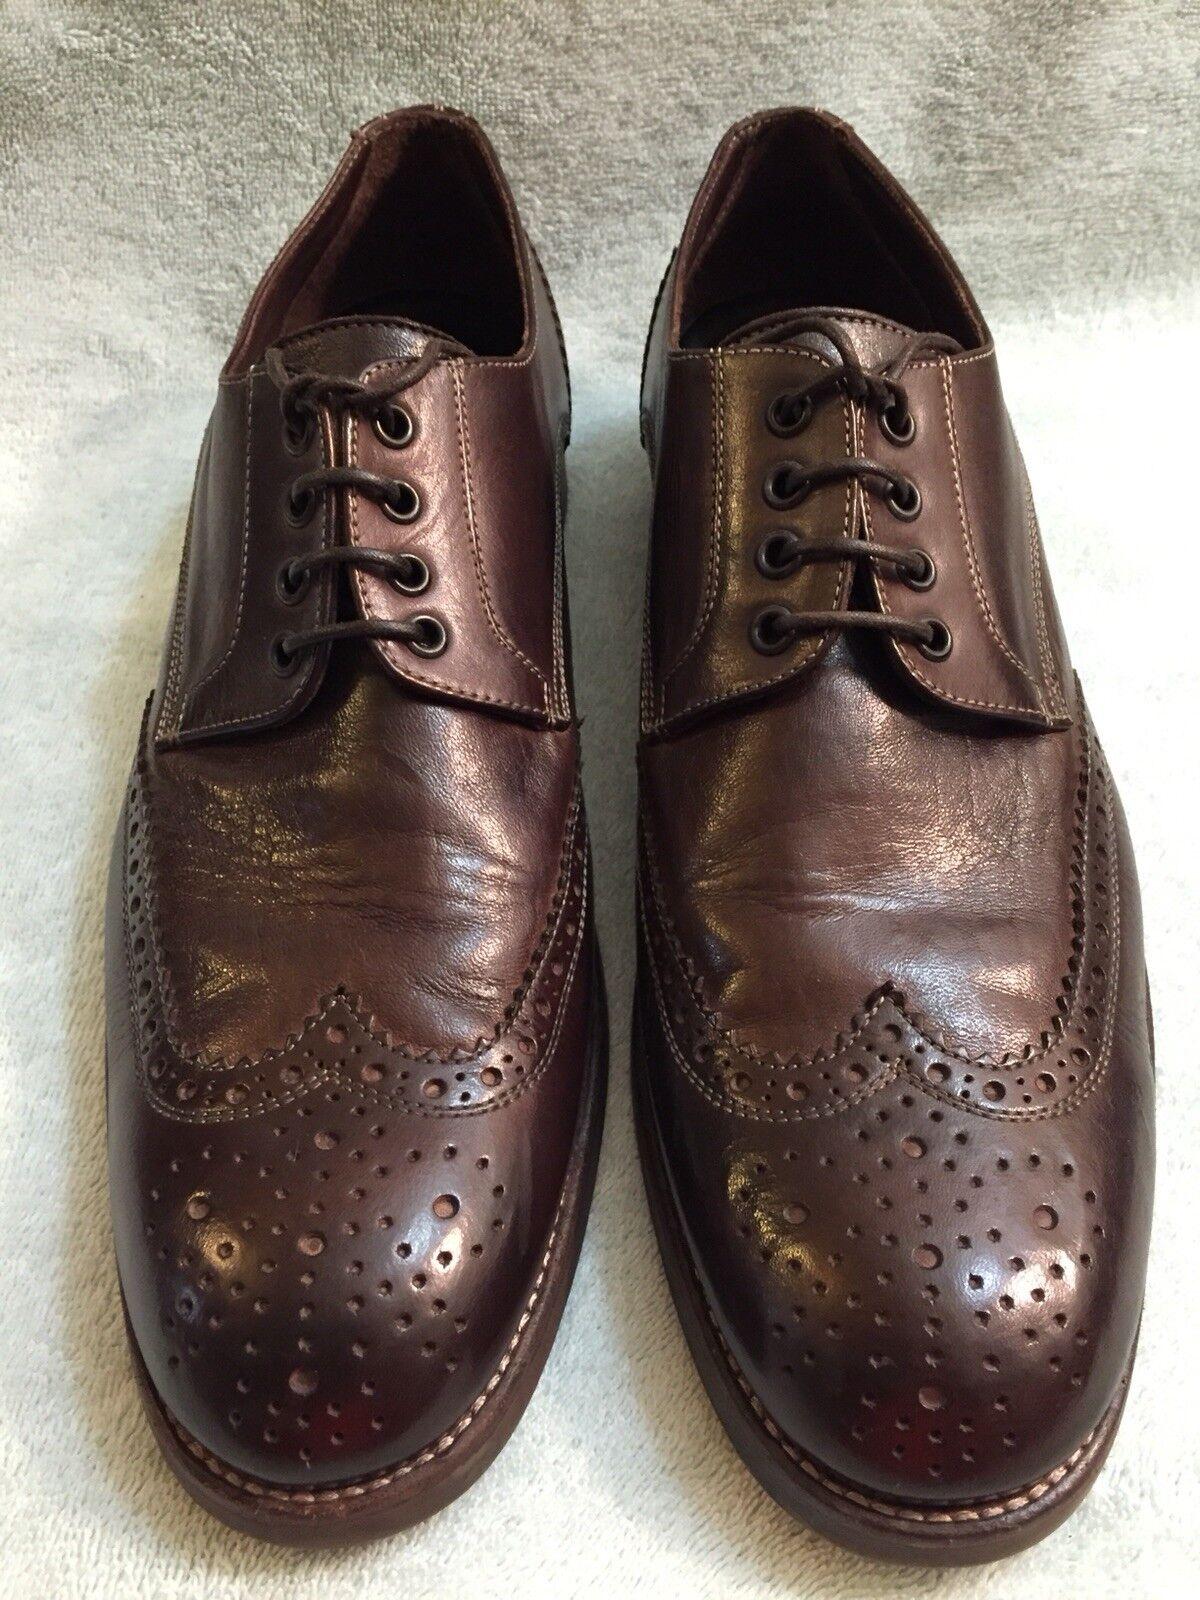 più economico John John John Varvatos Wingtip  Oxford Marrone Hand Made in  scarpe Dimensione 11 M  fino al 42% di sconto